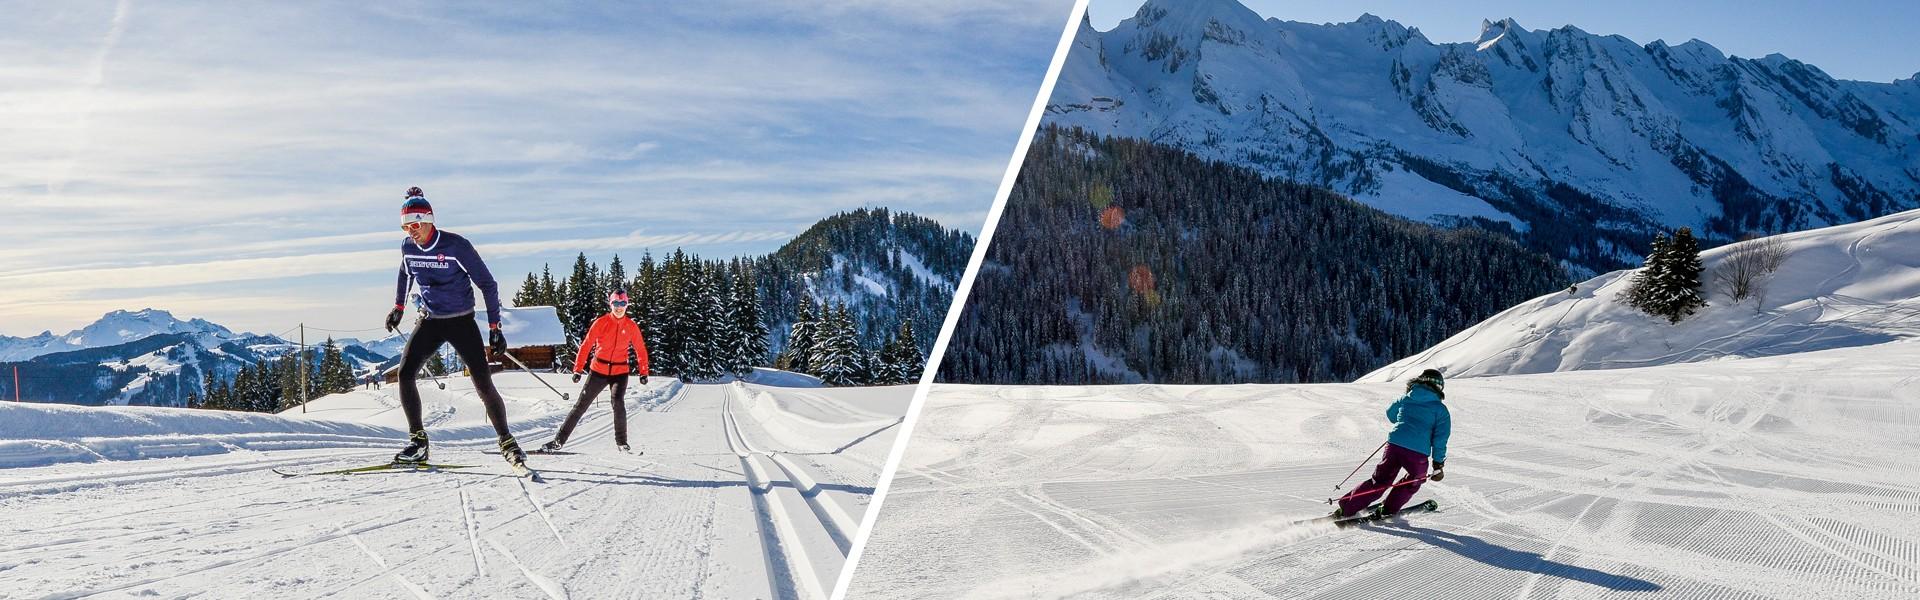 meteo-ski-1920x600-v1-2750